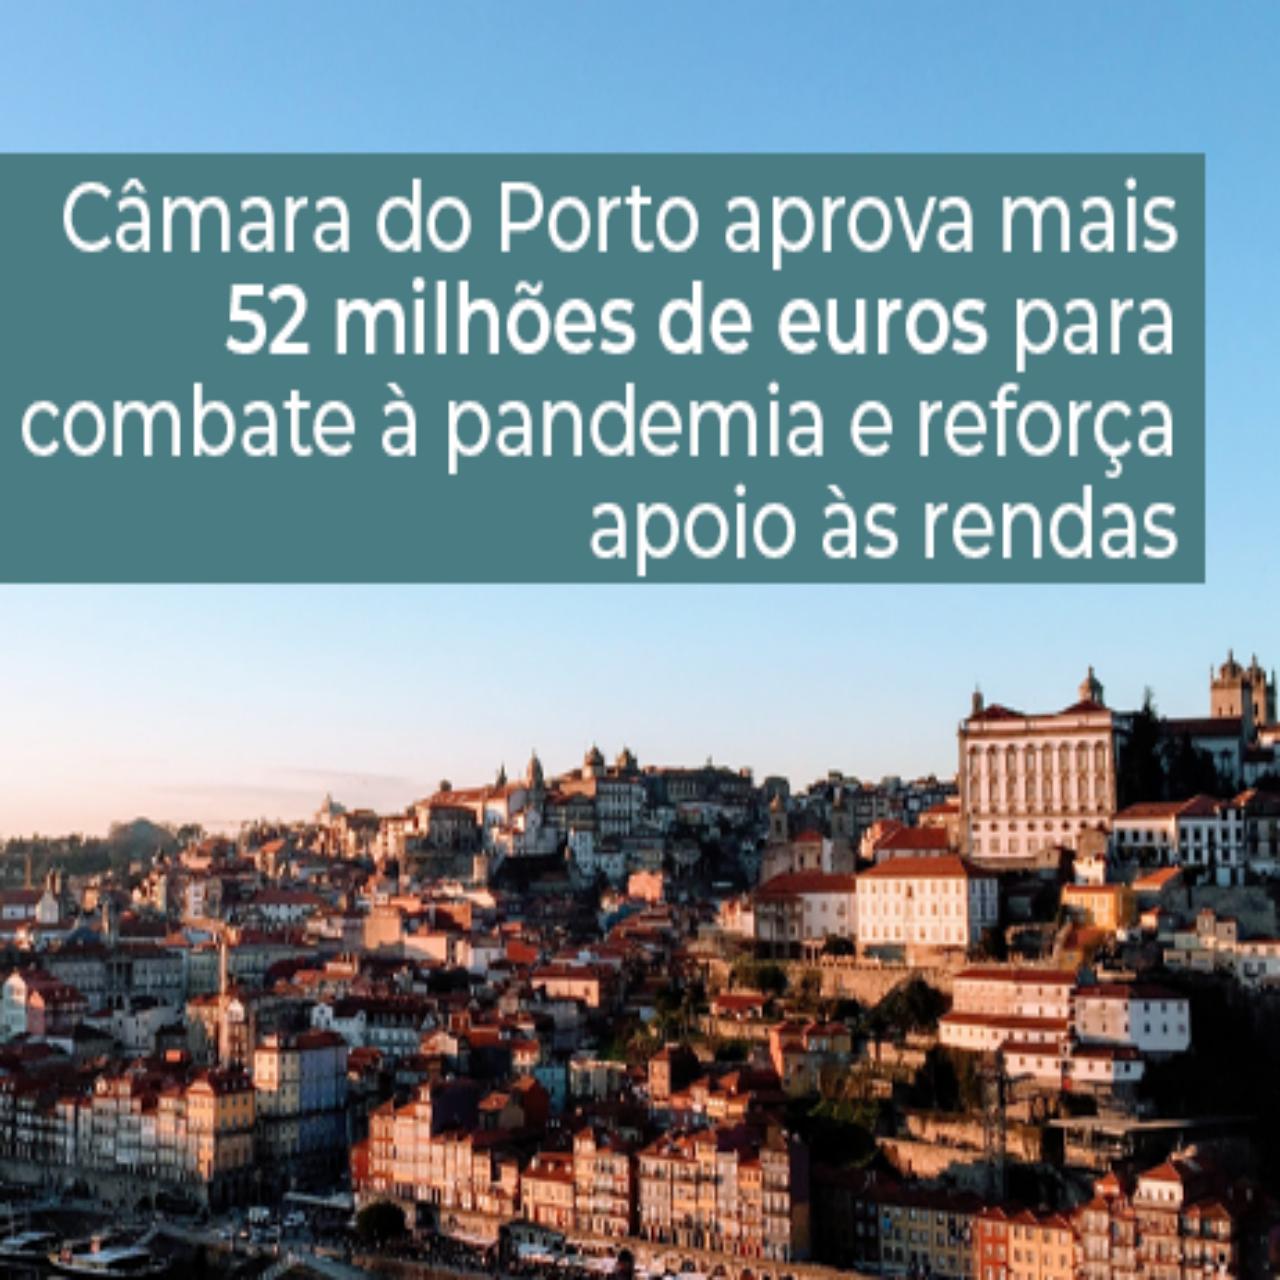 Câmara do Porto aprova 52 milhões de euros para combate à pandemia